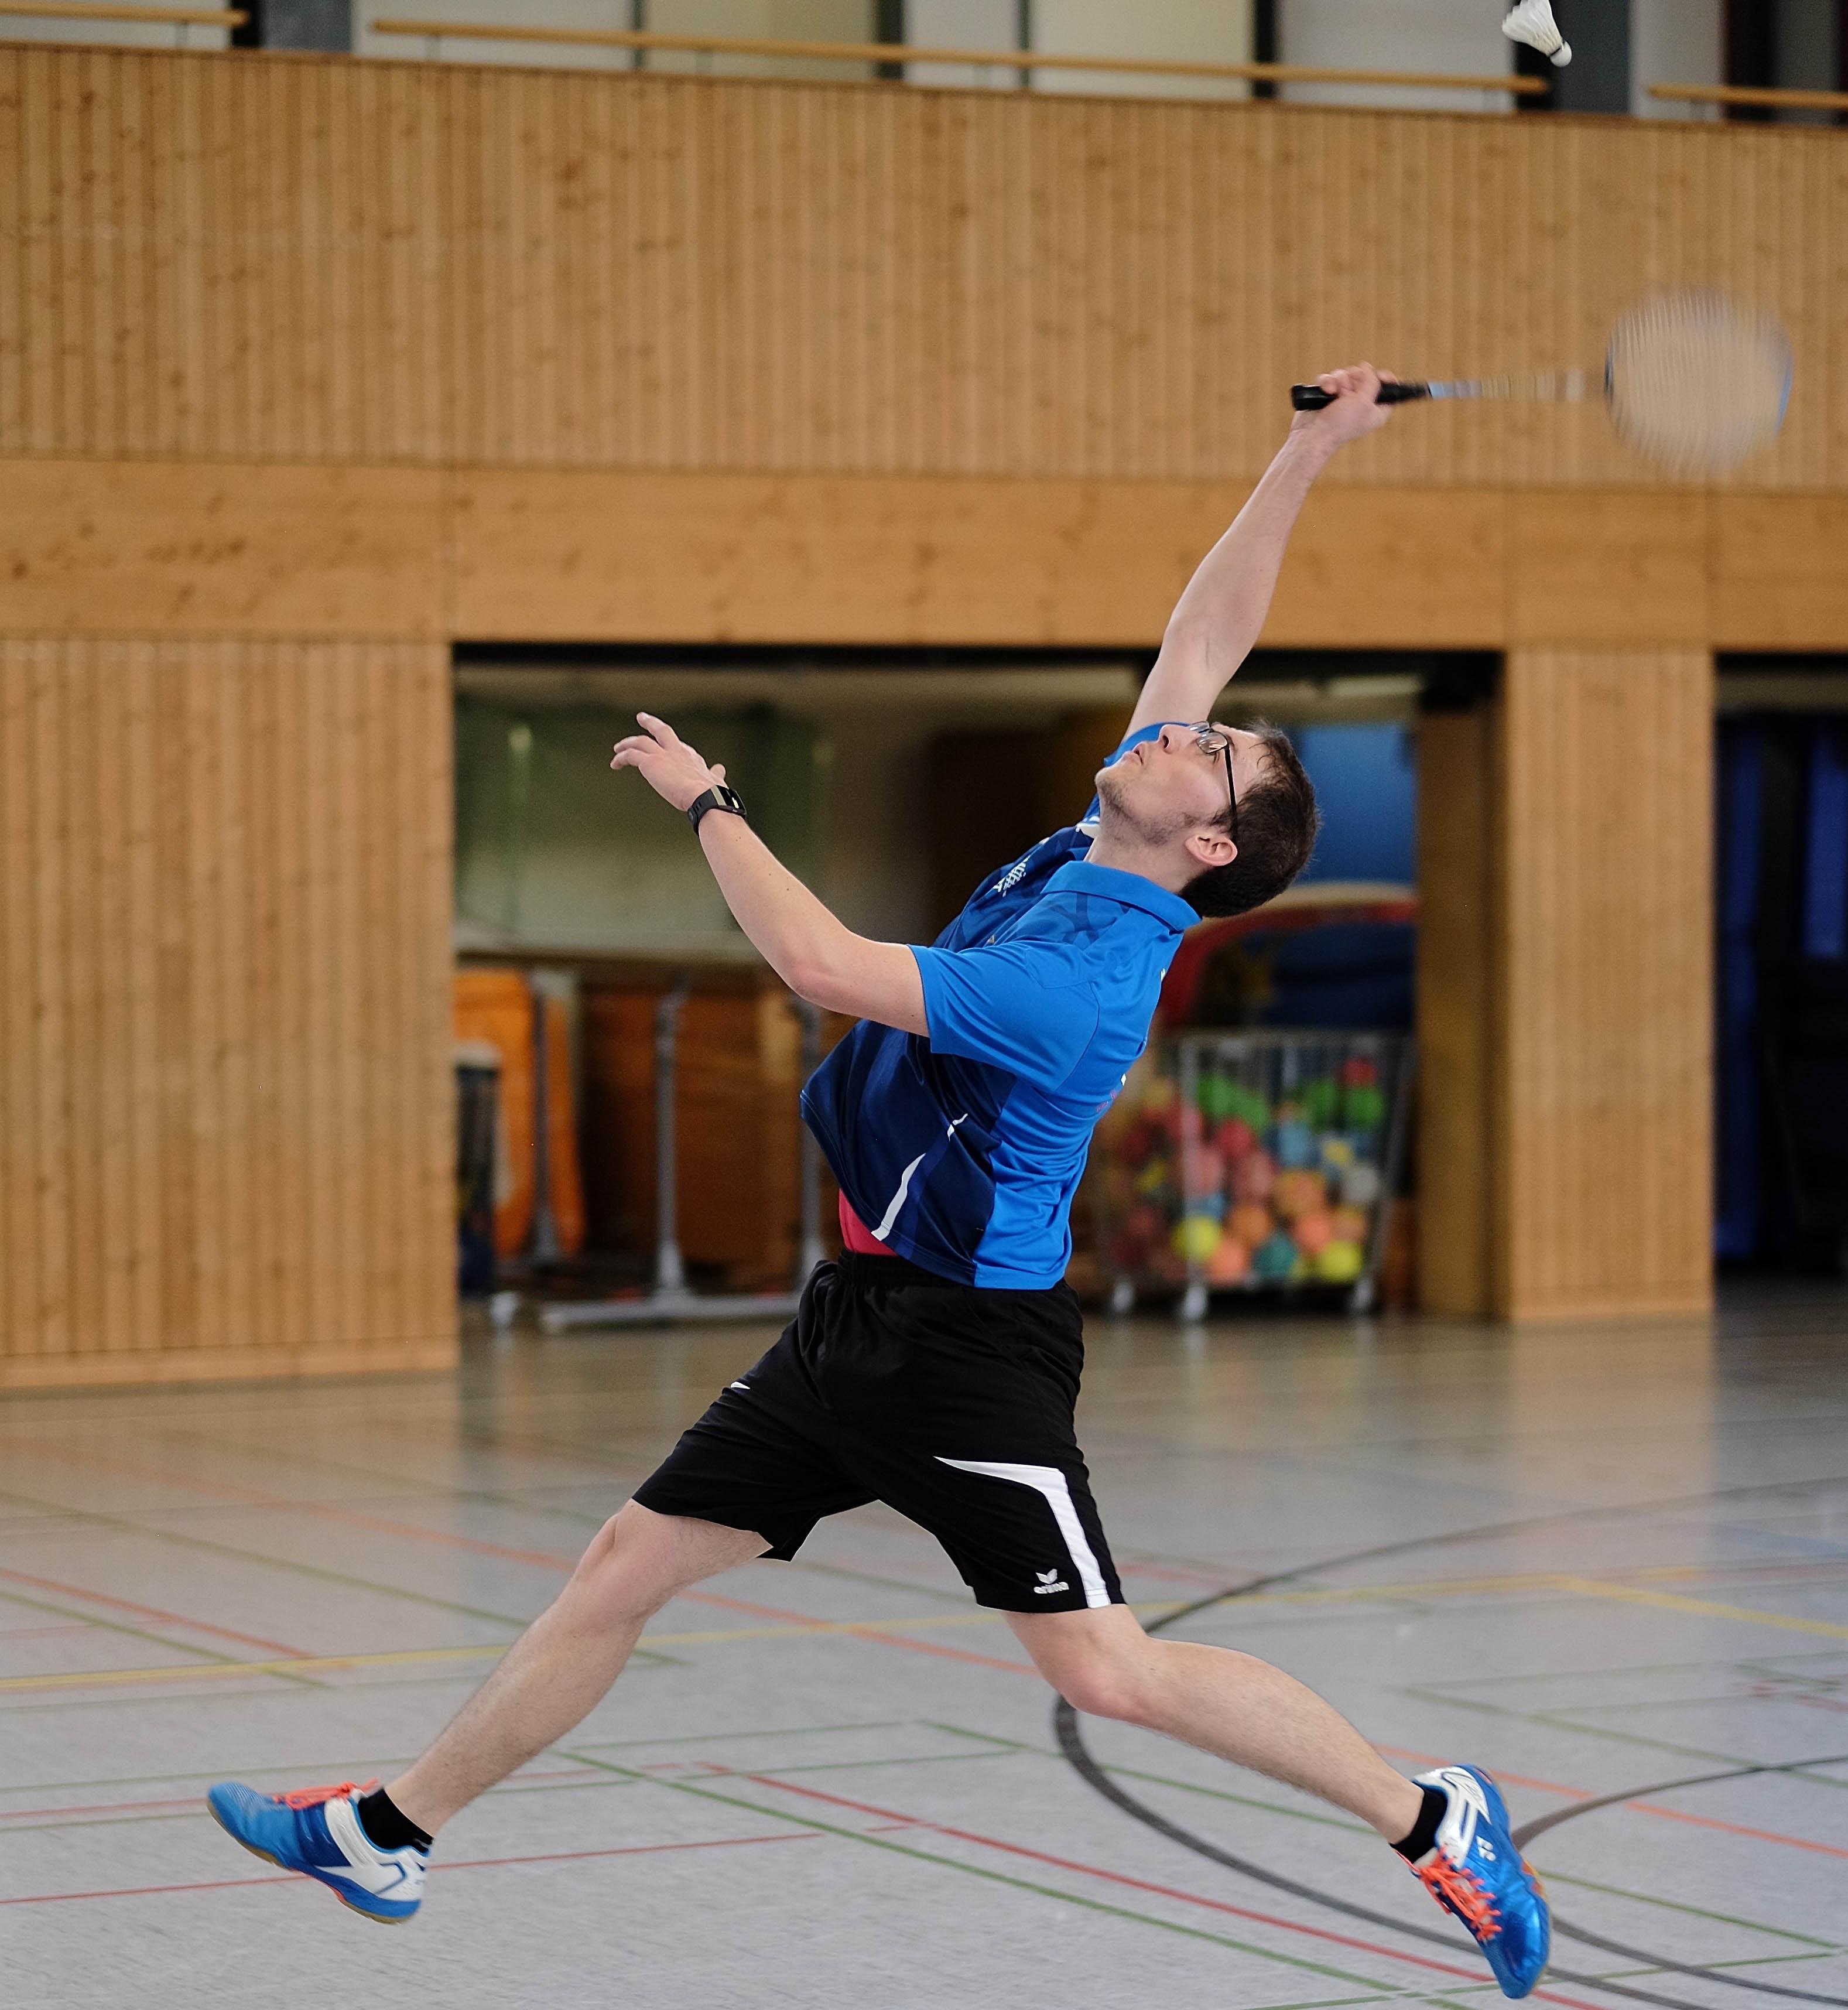 Unglücklicher Start in die Rückrunde für Badminton-Club Betzdorf